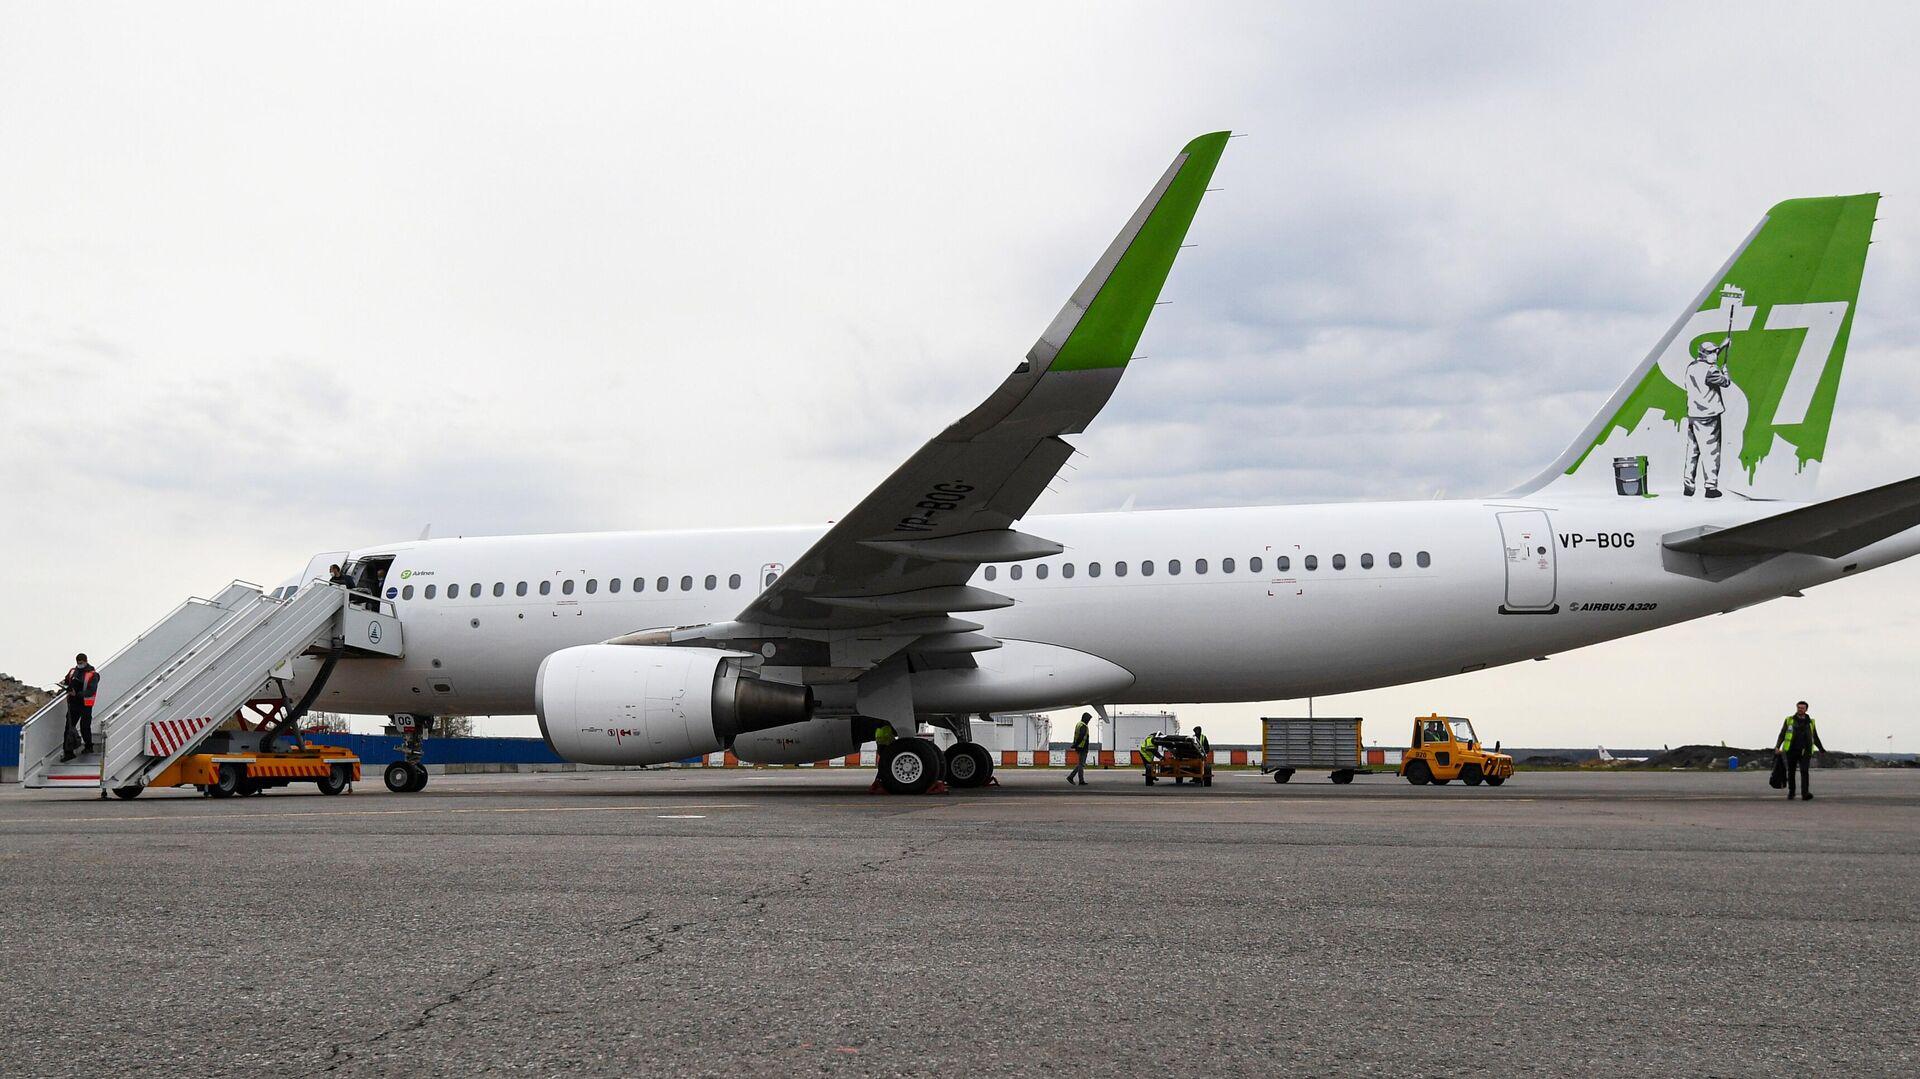 Самолет Airbus A320 авиакомпании S7 Airlines в новой ливрее в аэропорту Домодедово - РИА Новости, 1920, 18.05.2021